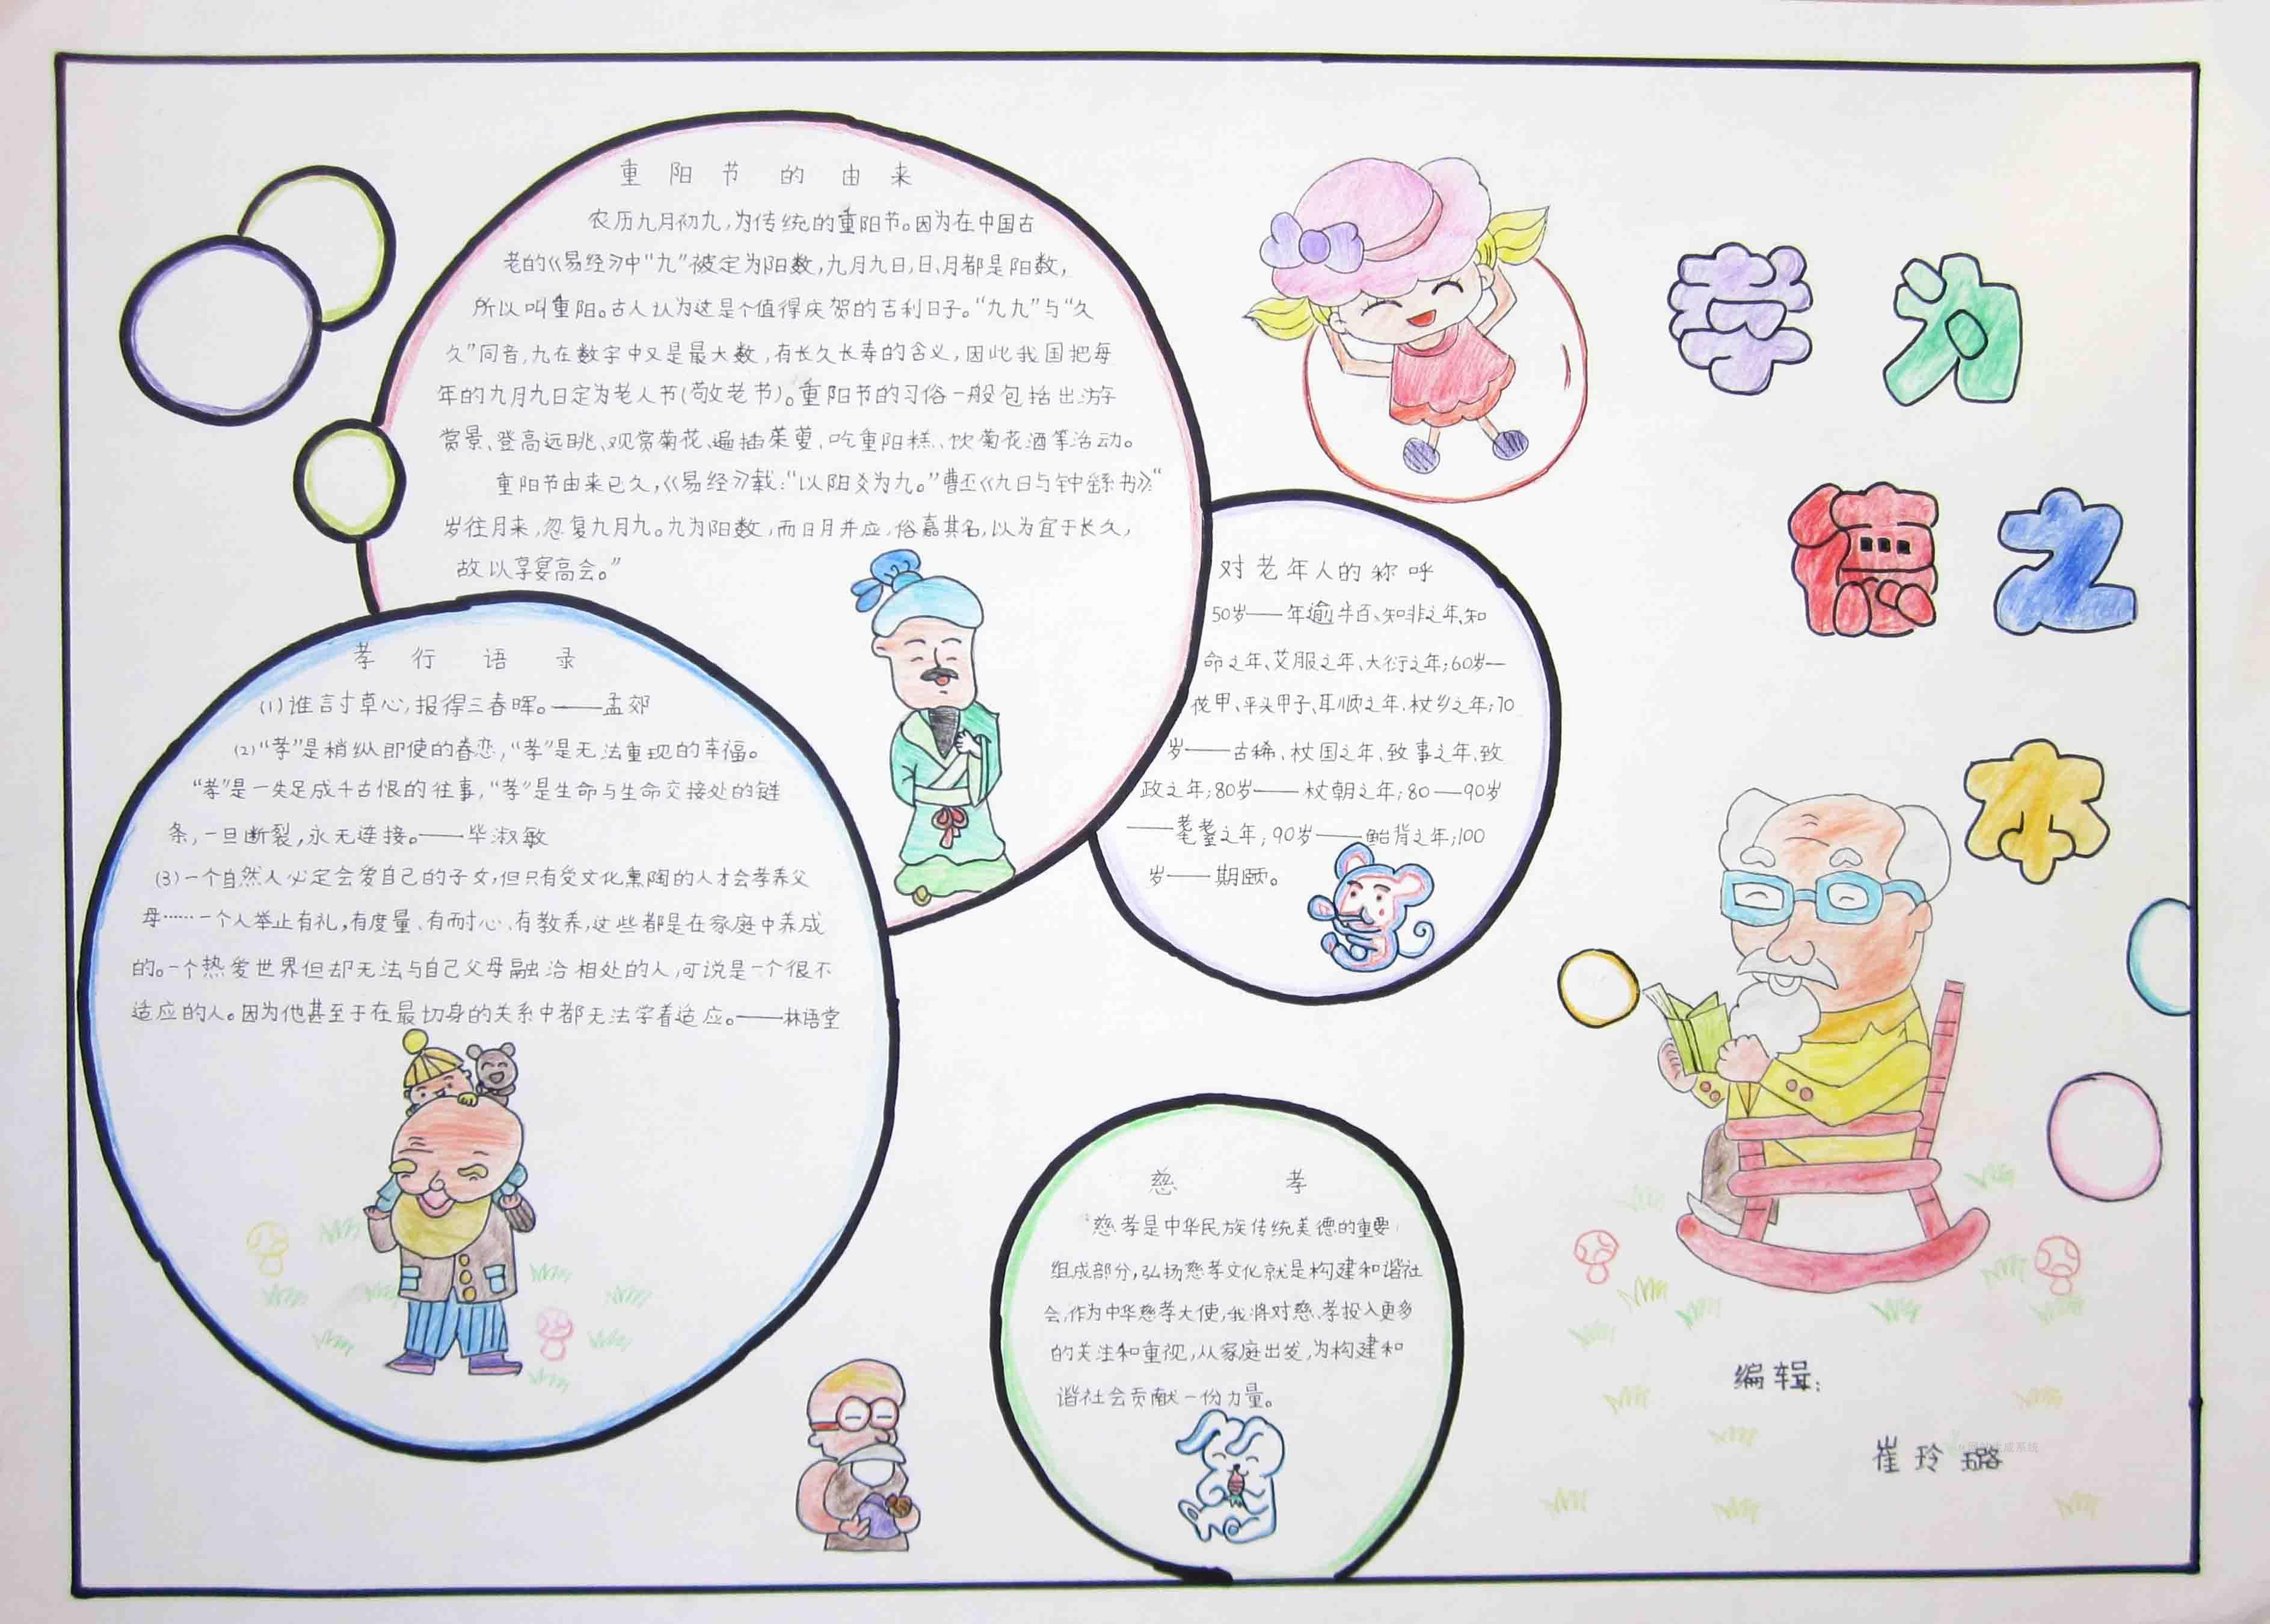 父亲节手抄报设计图:孝为德之本-打印版式